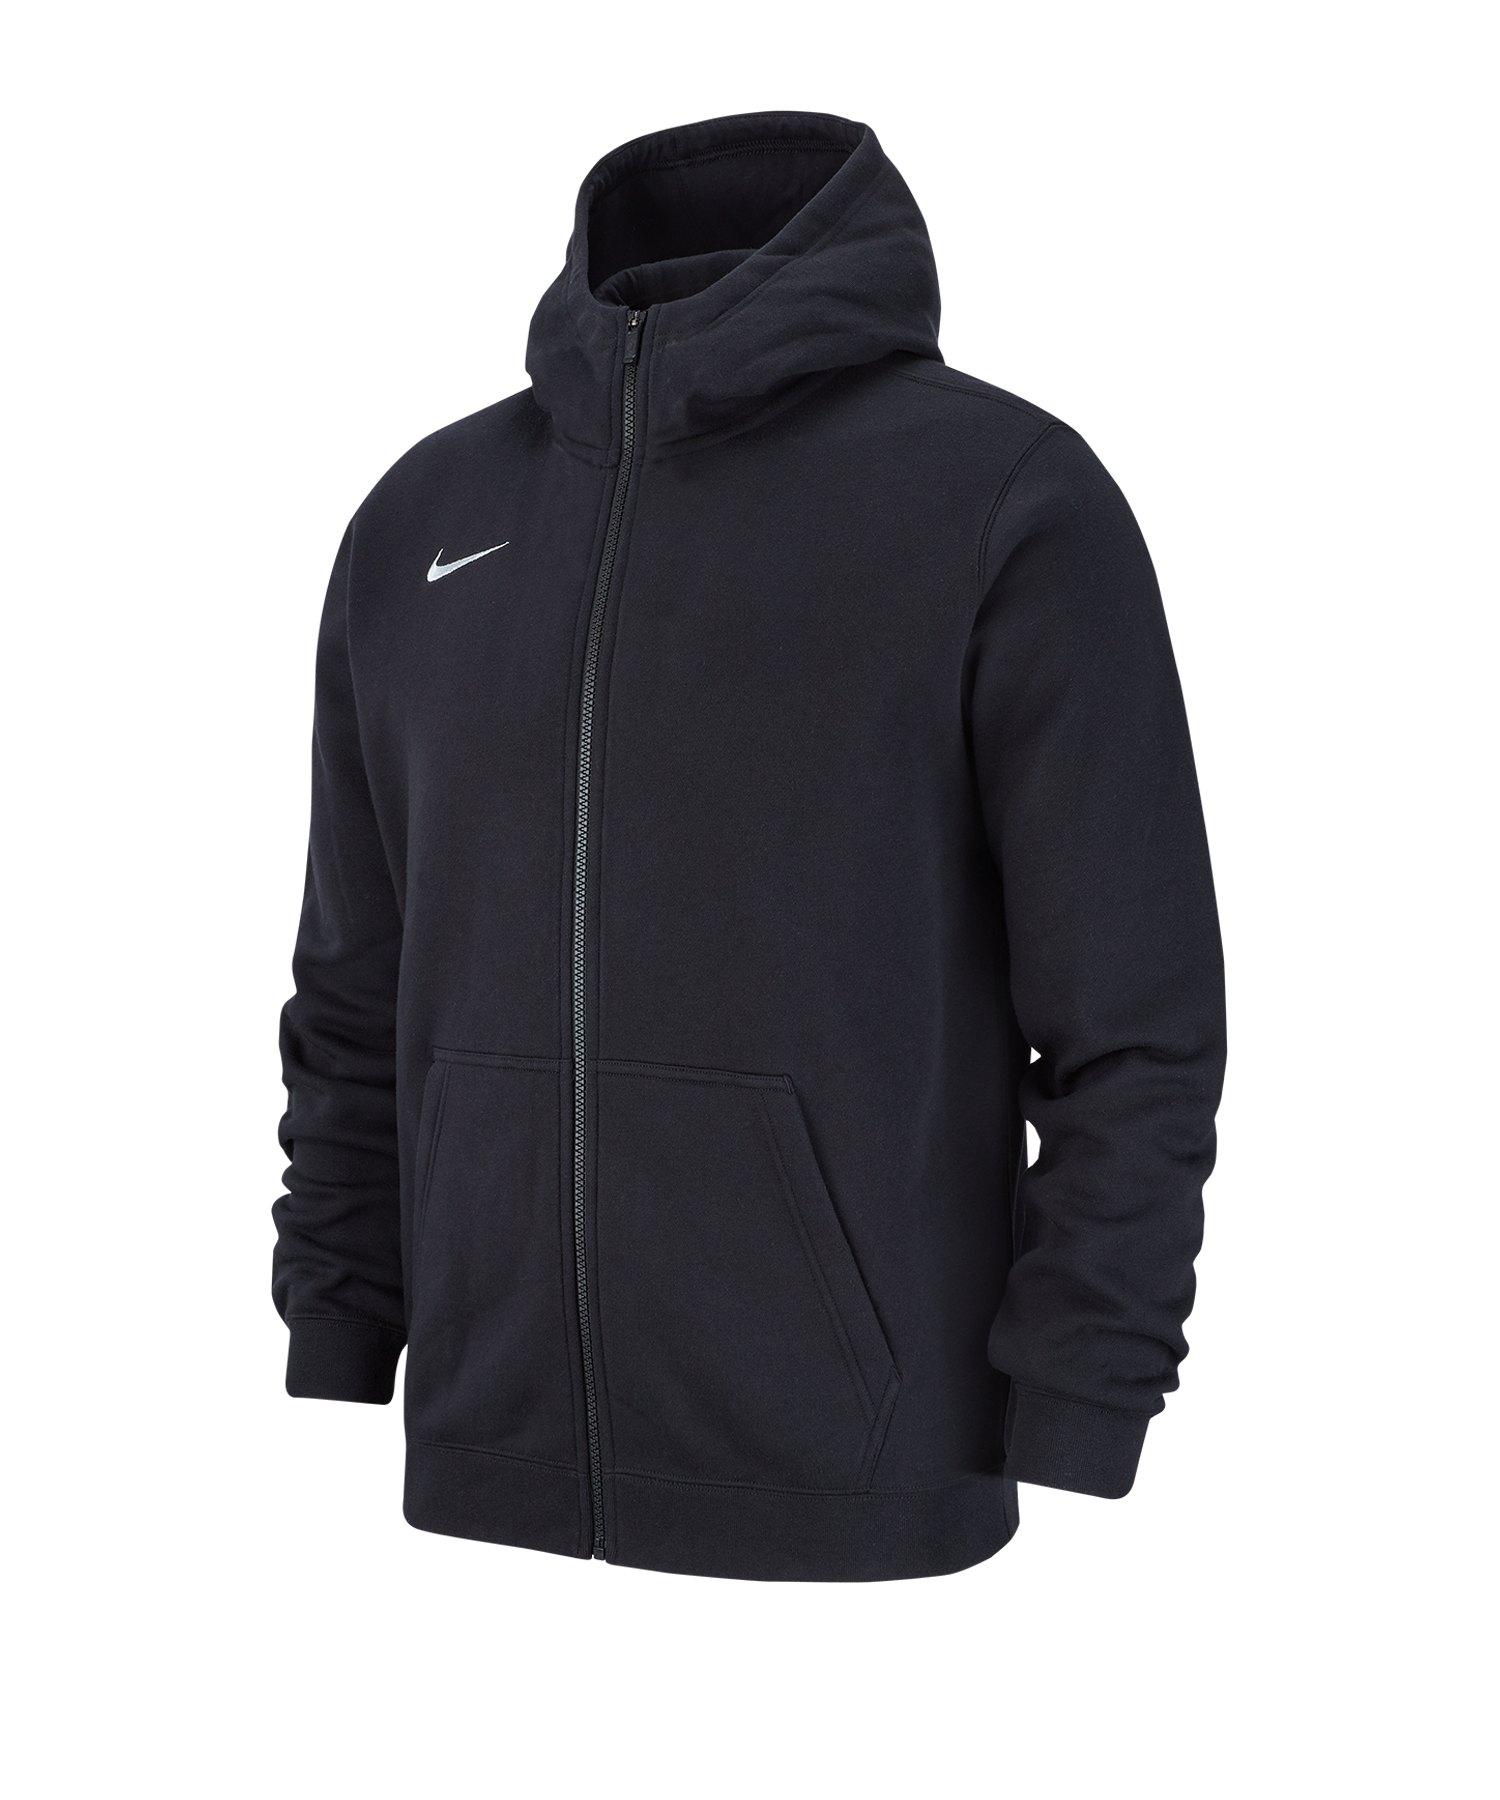 Nike Club 19 Fleece Kapuzenjacke Kids Schwarz F010 - schwarz